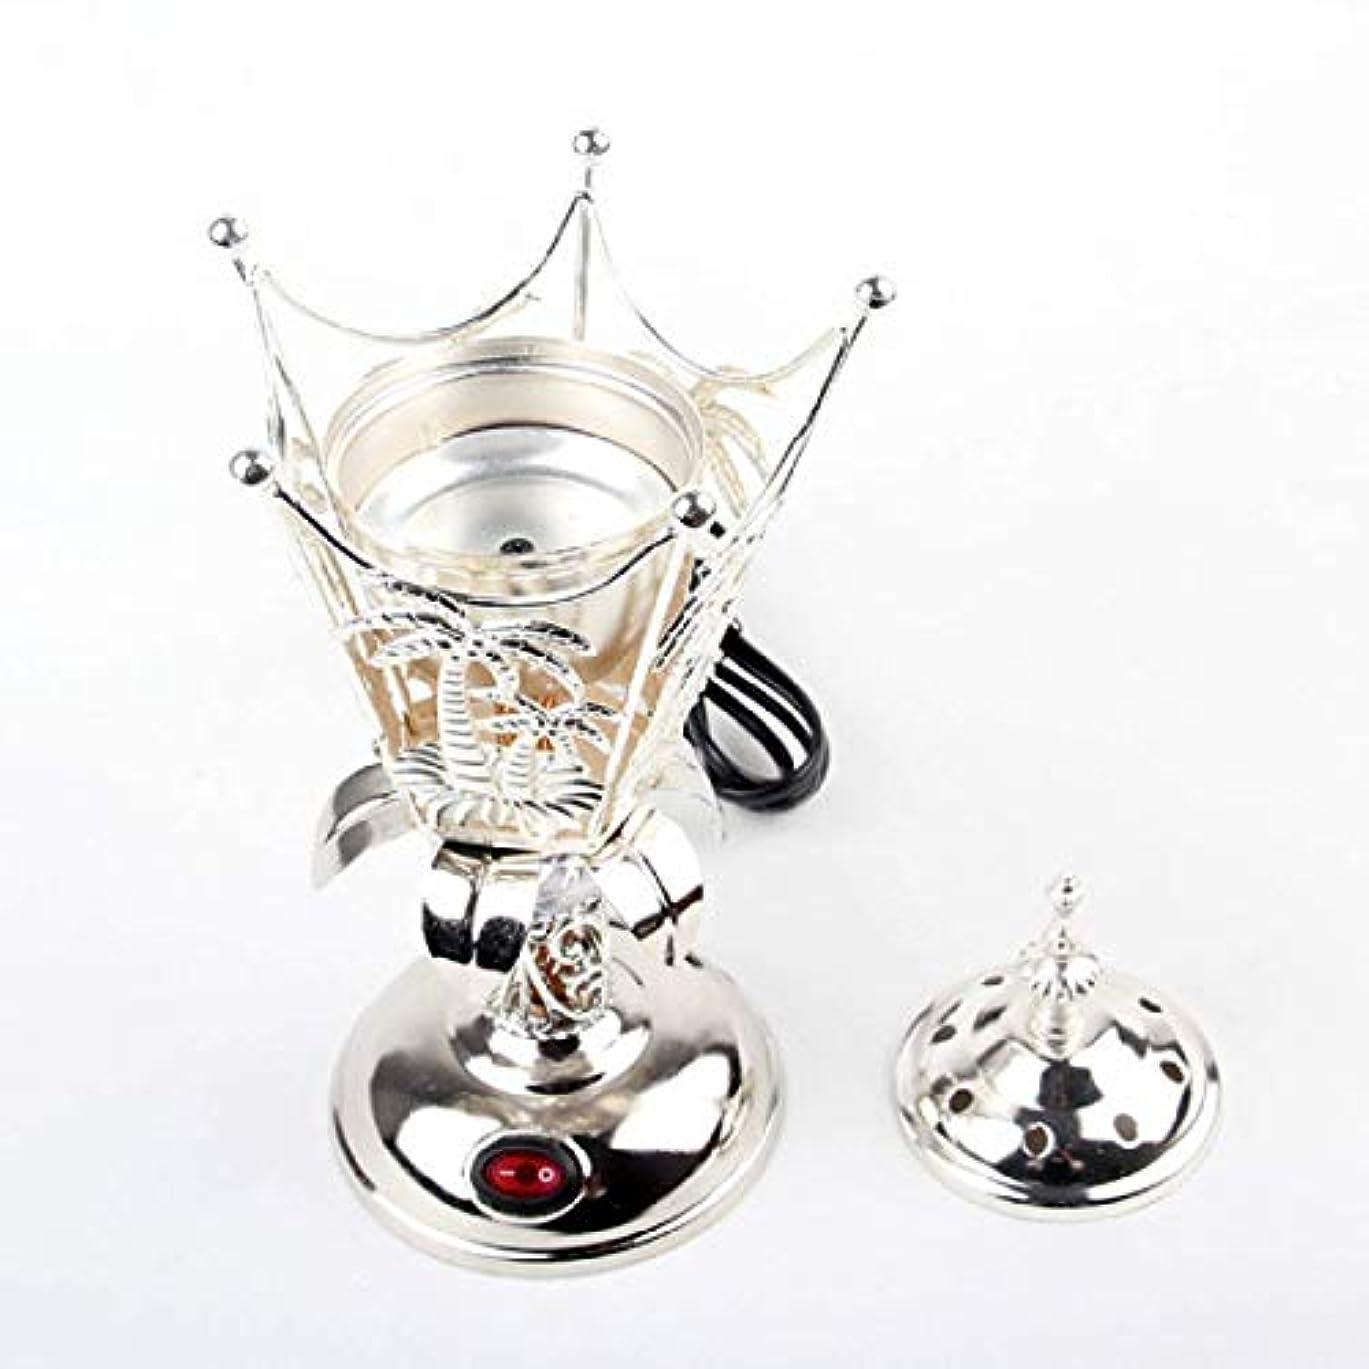 コミットメント起こるはいOMG-Deal Electric Bakhoor Burner Electric Incense Burner +Camphor- Oud Resin Frankincense Camphor Positive Energy...